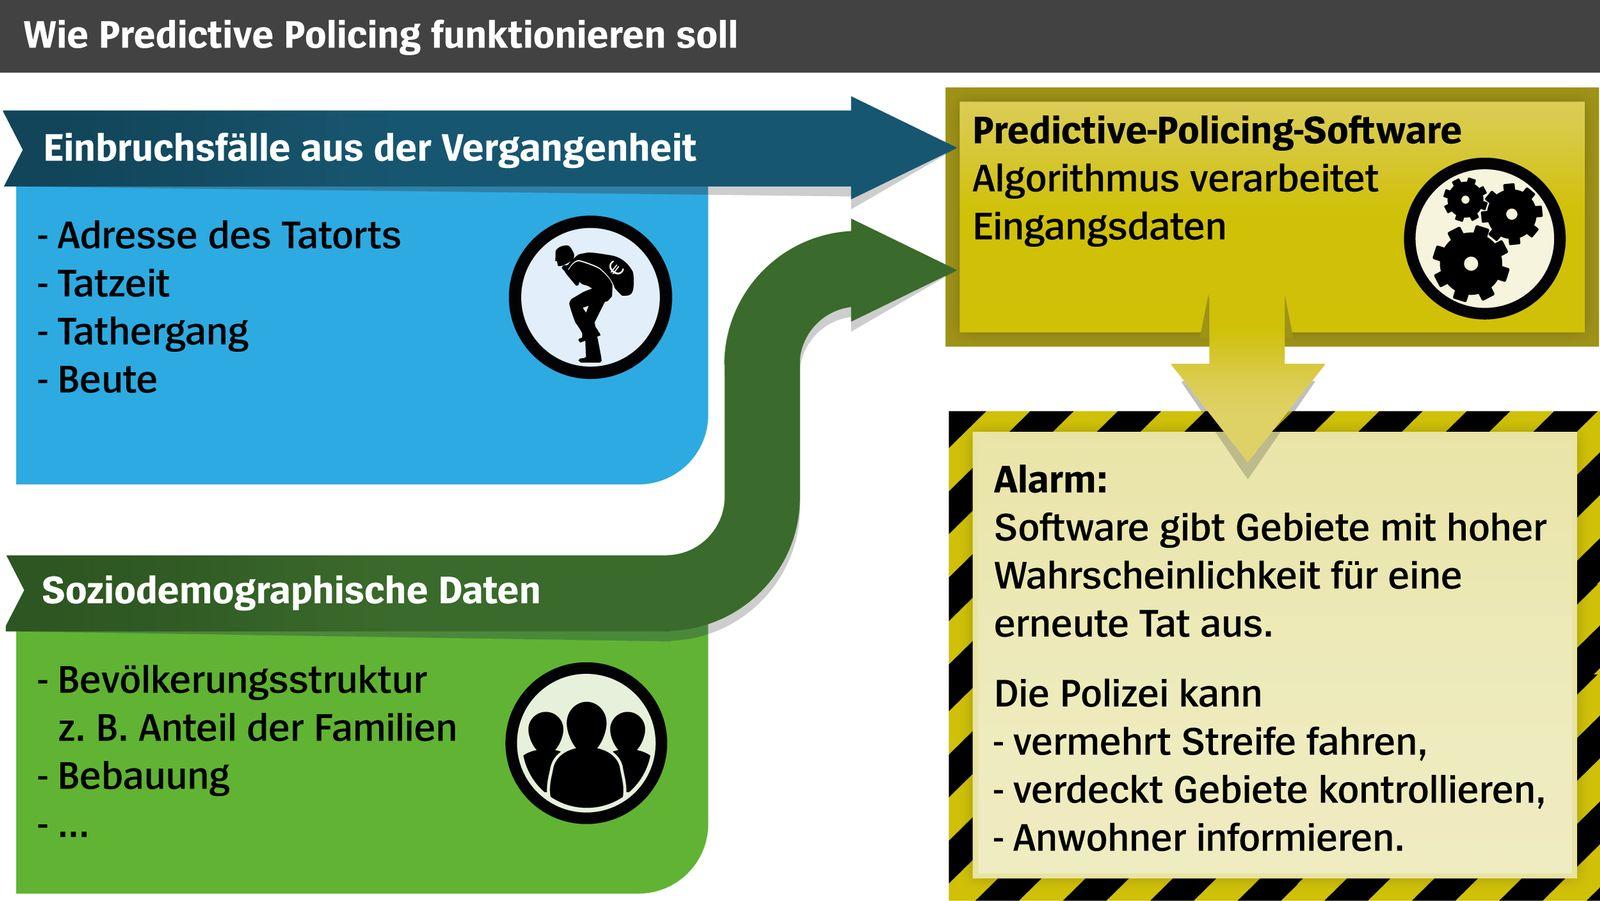 Predictive Policing v2